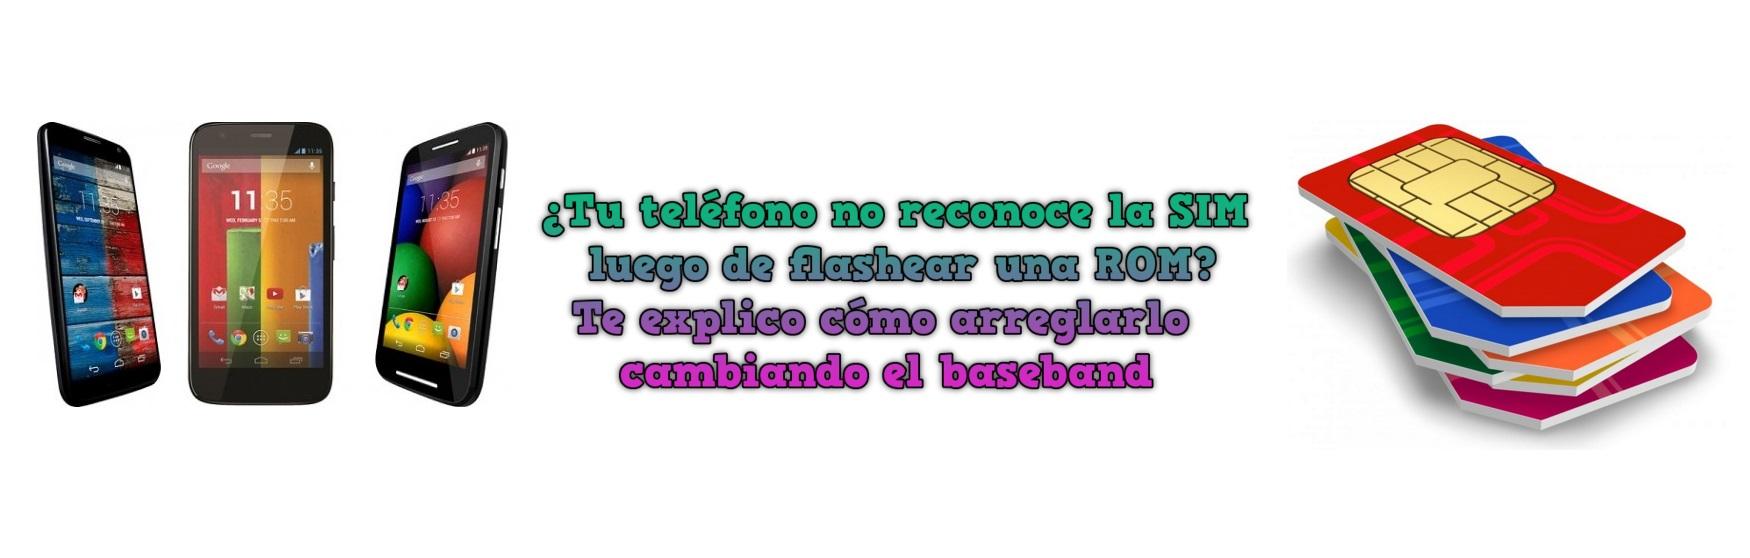 ¿Tu teléfono no reconoce la SIM luego de flashear una ROM? Te explico cómo arreglarlo cambiando el baseband